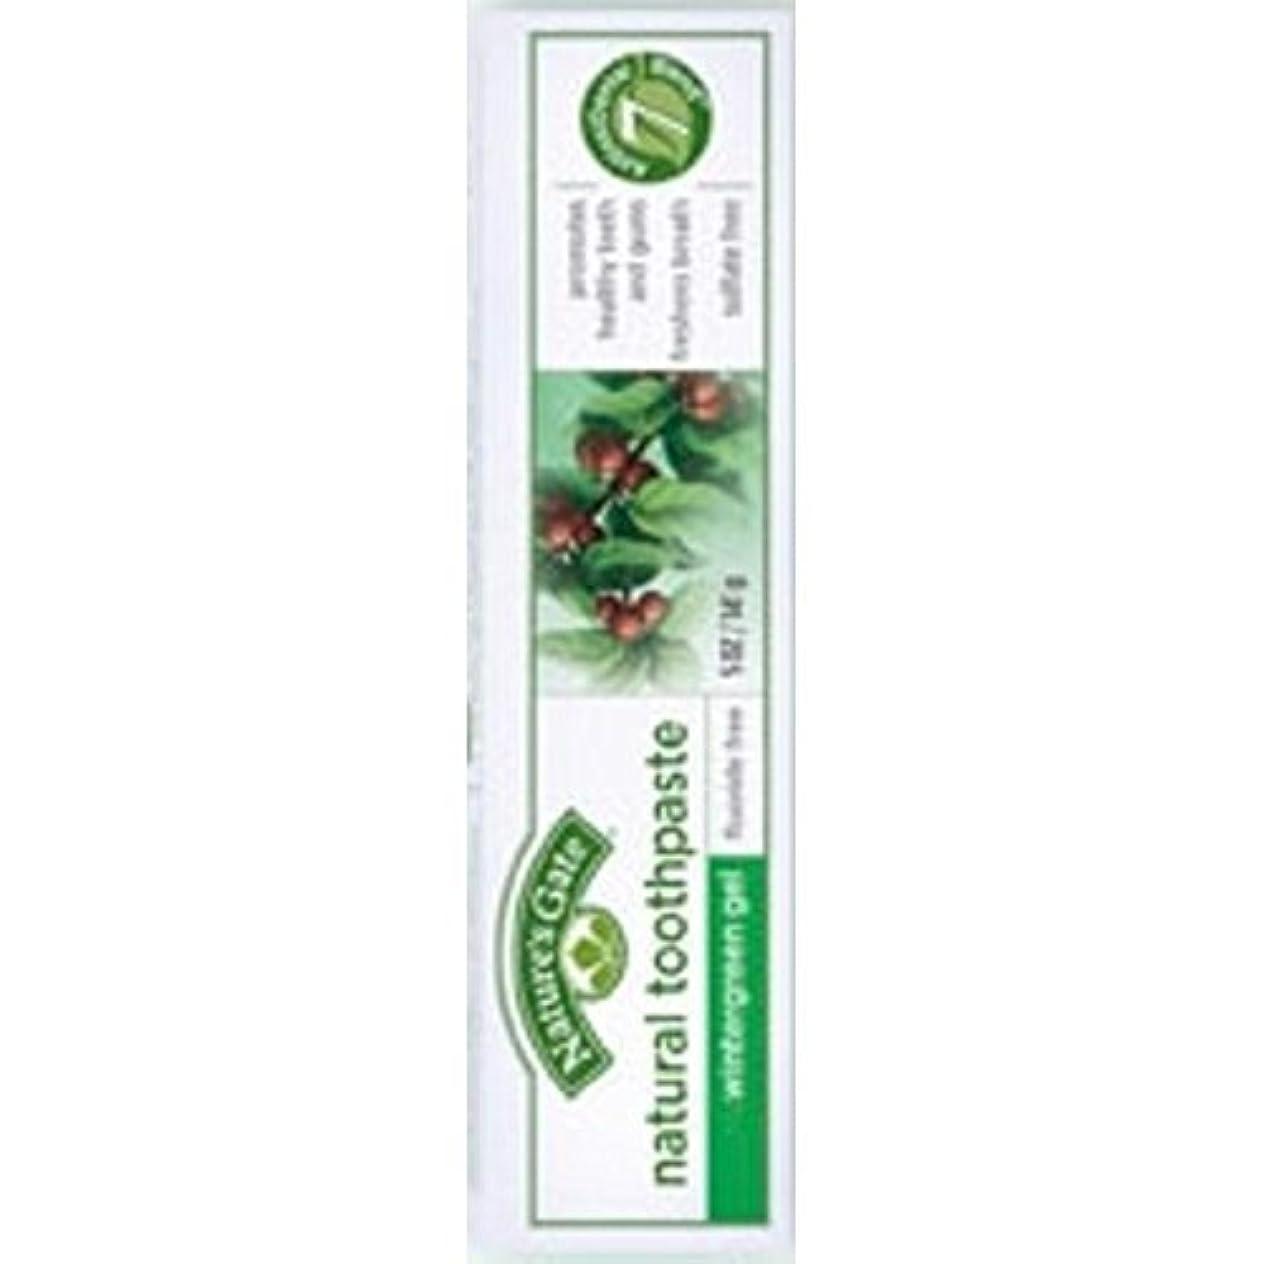 意欲やろう前にNature's Gate Natural Toothpaste Gel Flouride Free Wintergreen - 5 oz - Case of 6 by Nature's Gate [並行輸入品]